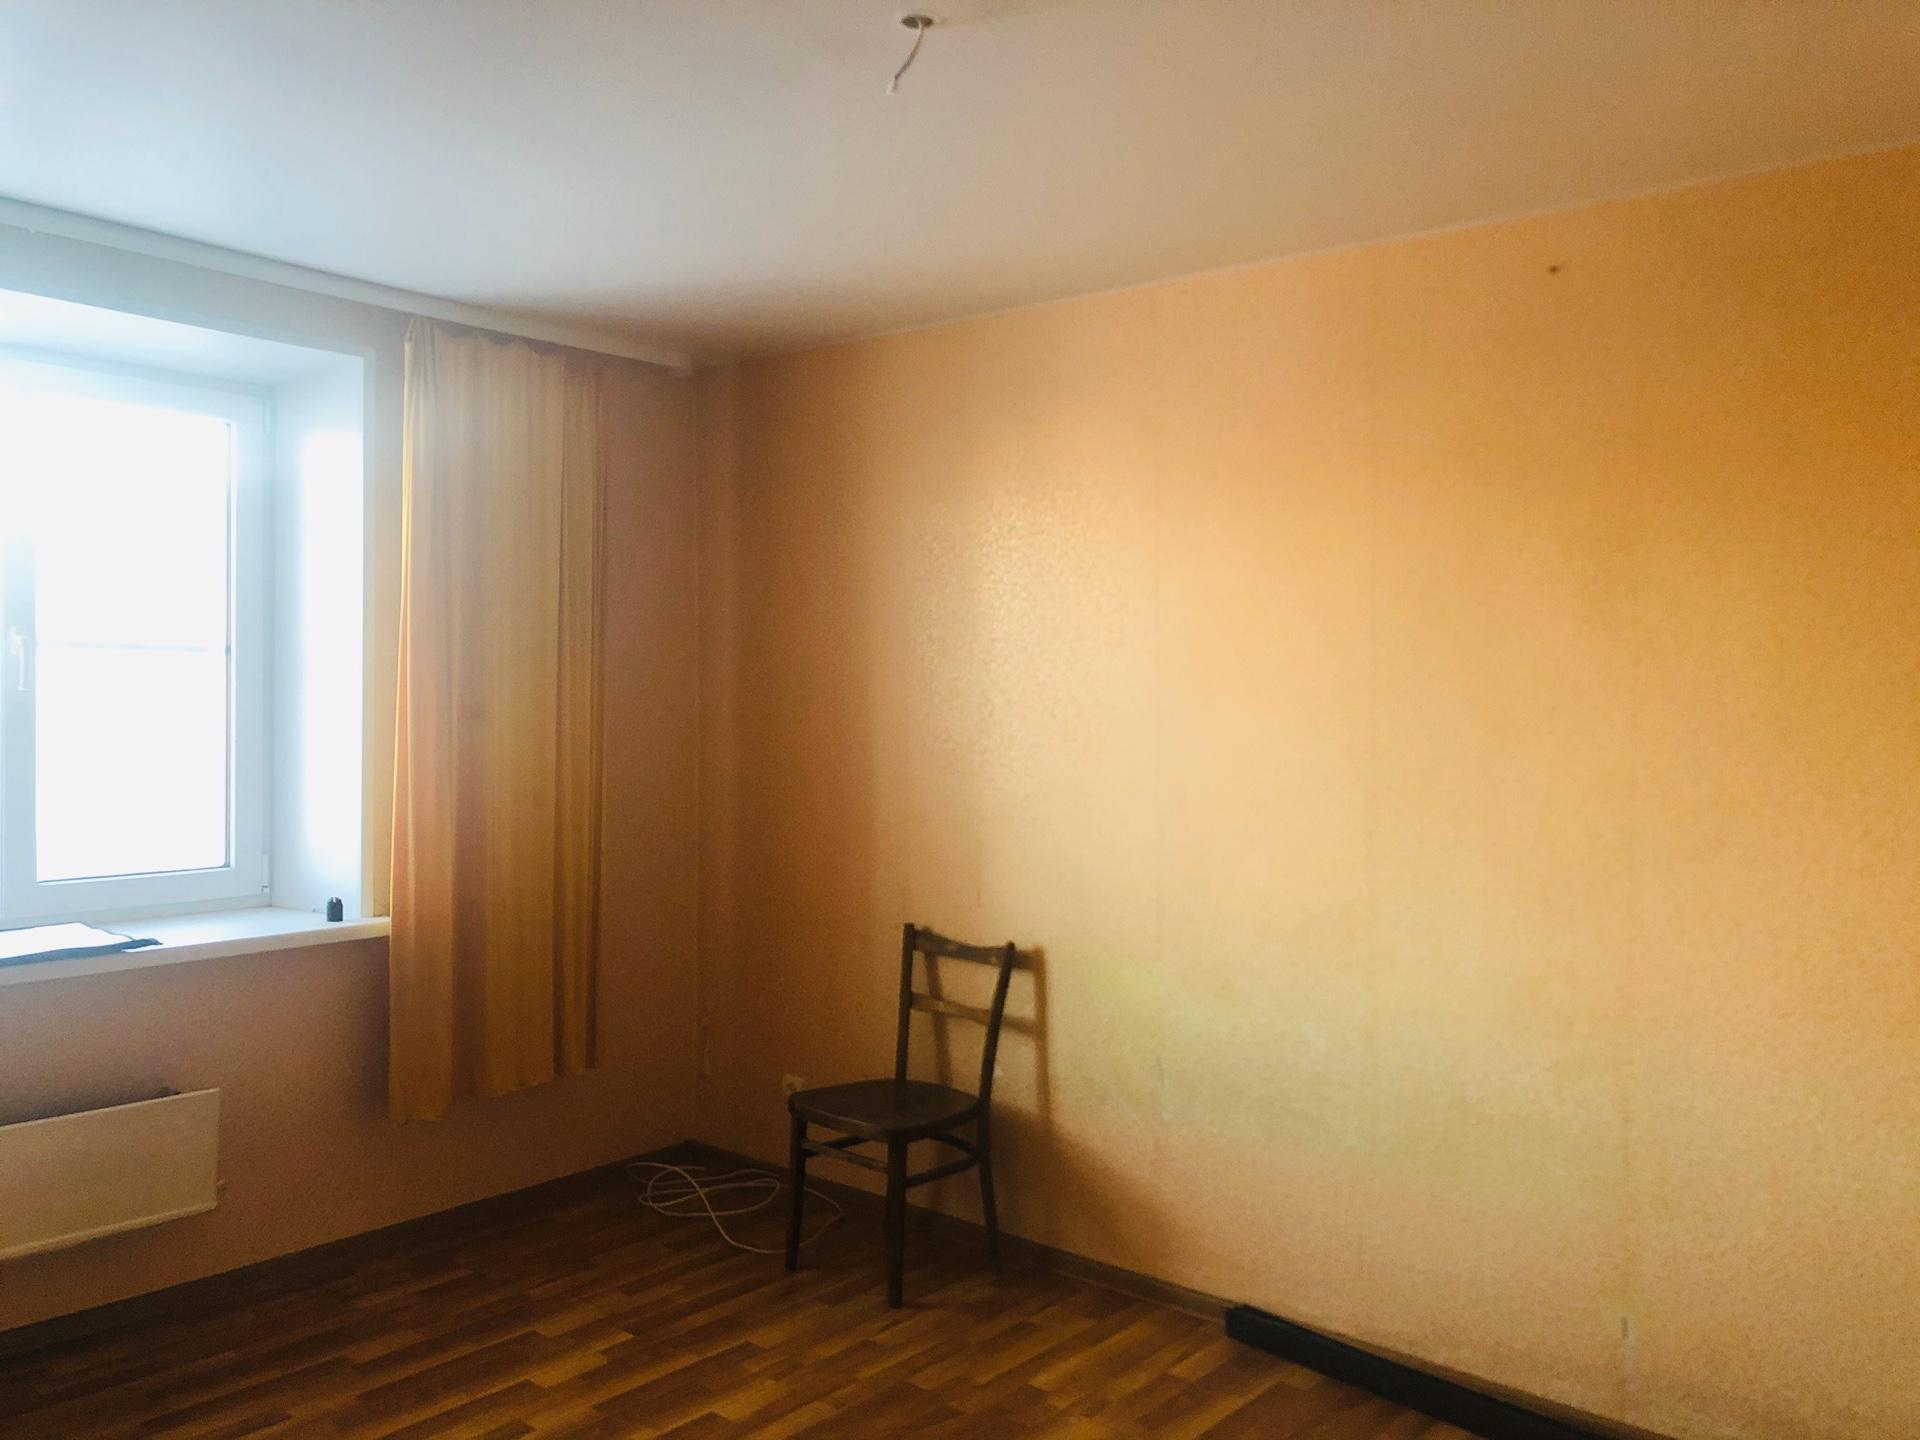 Продажа 1-комнатной квартиры, Челябинск